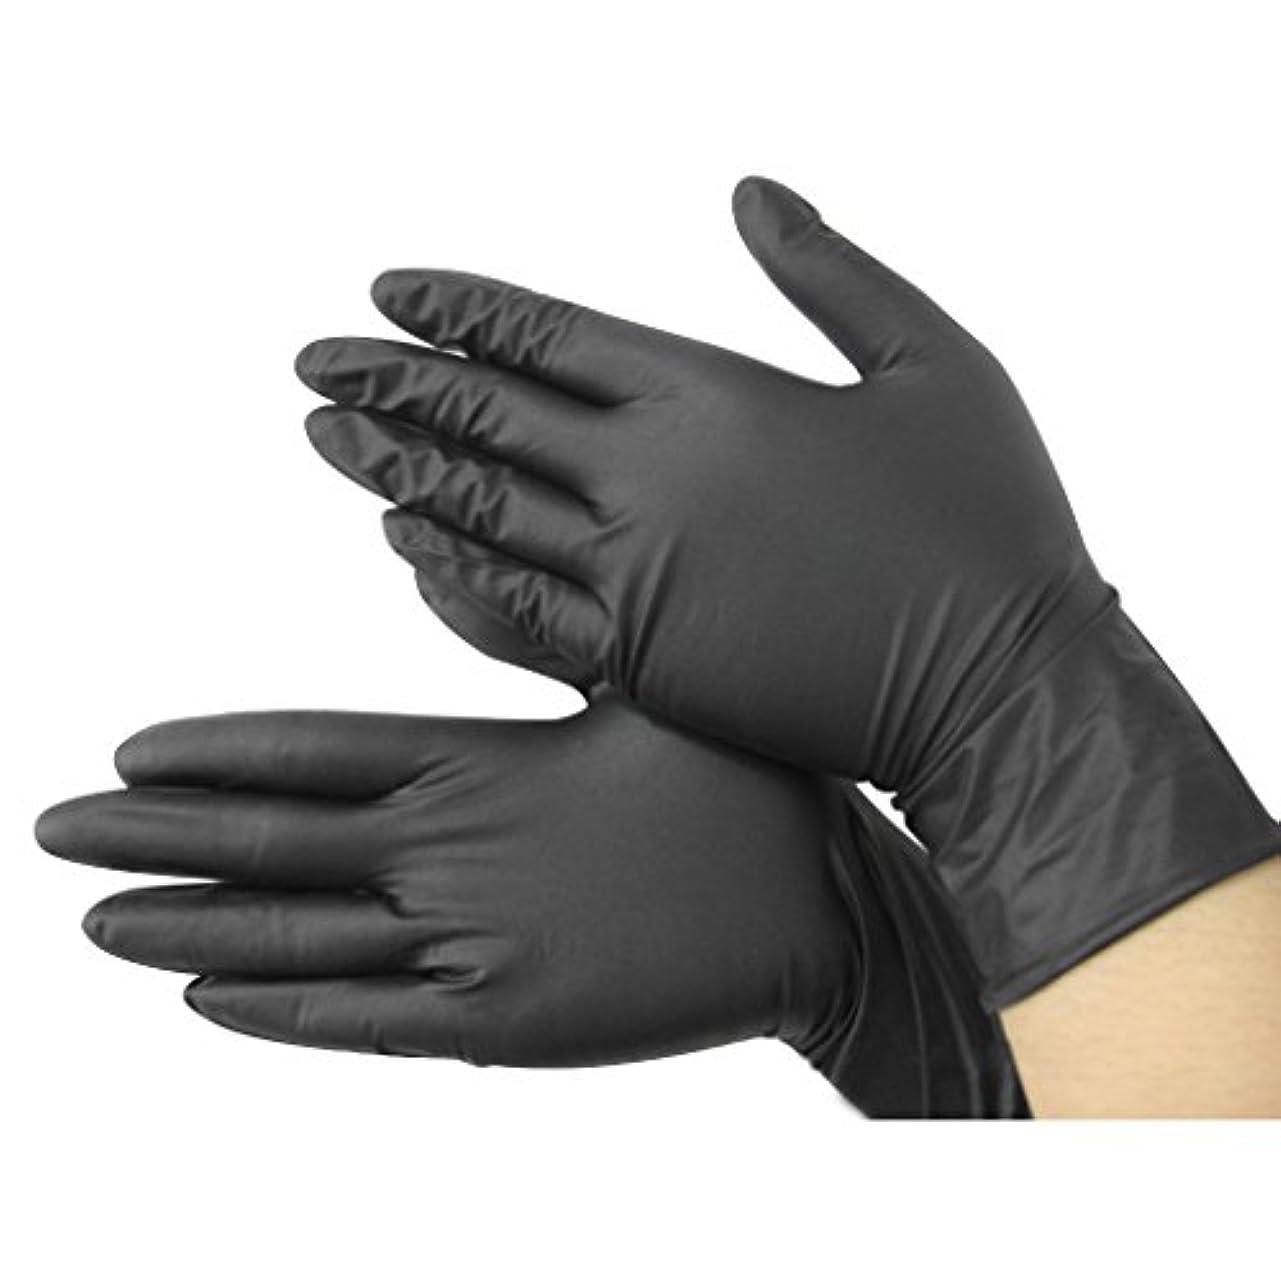 船記念読書をするACAMPTAR 黒いニトリル使い捨てクール手袋 パワーフリーX100 - 入れ墨 - メカニック 新しい